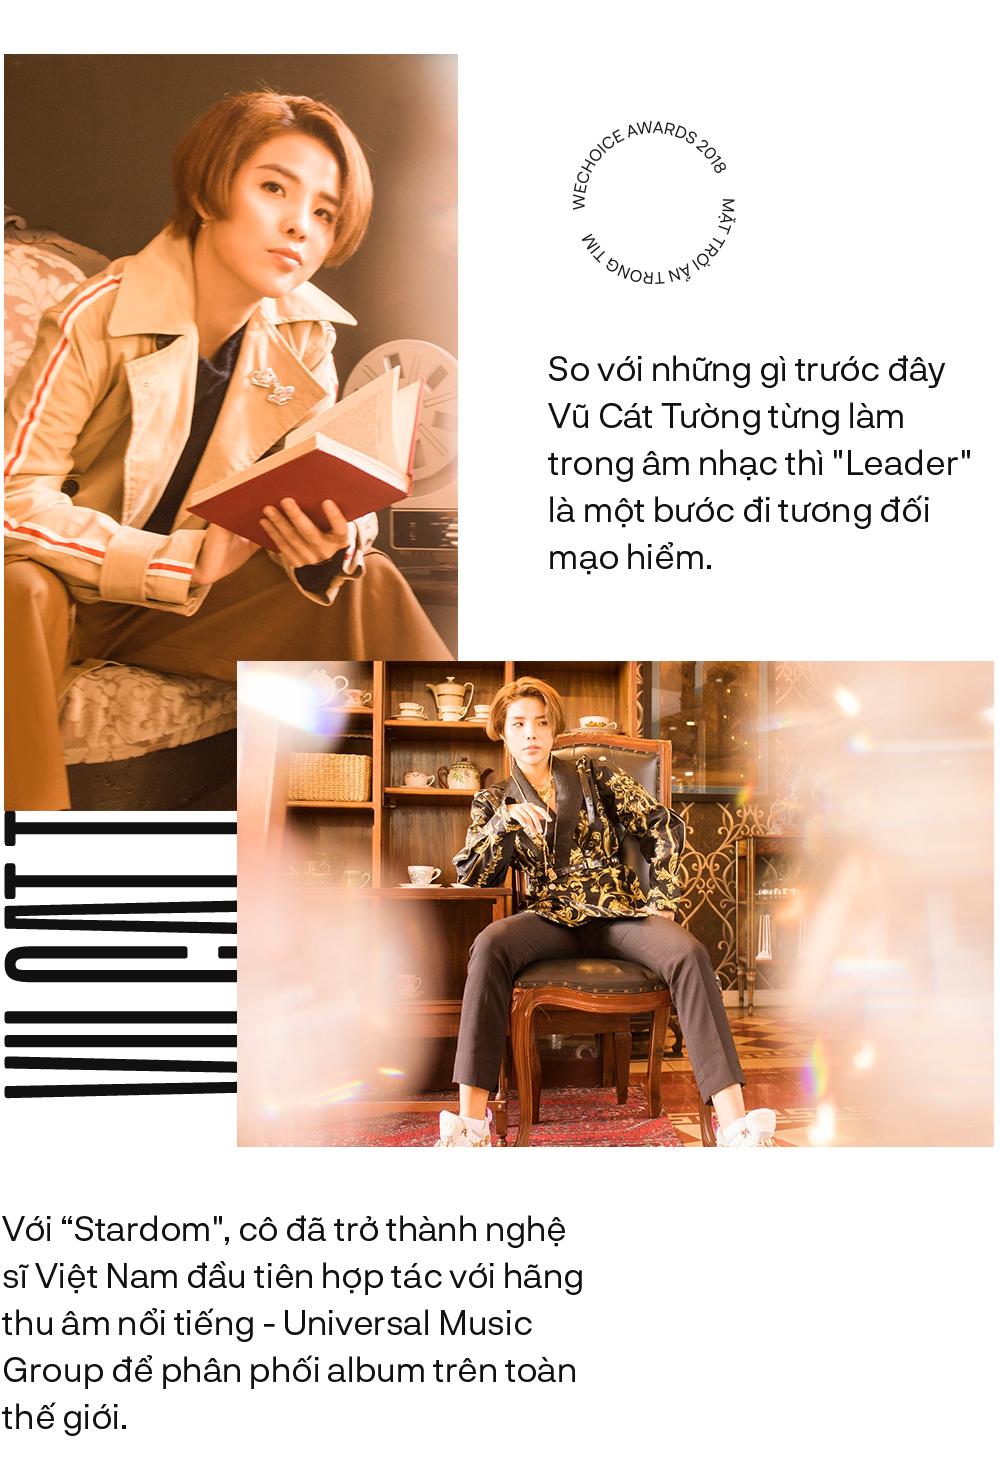 """Vũ Cát Tường - """"khối đa diện muôn màu hiếm hoi, luôn không ngừng tìm tòi sáng tạo của làng nhạc Việt - Ảnh 3."""